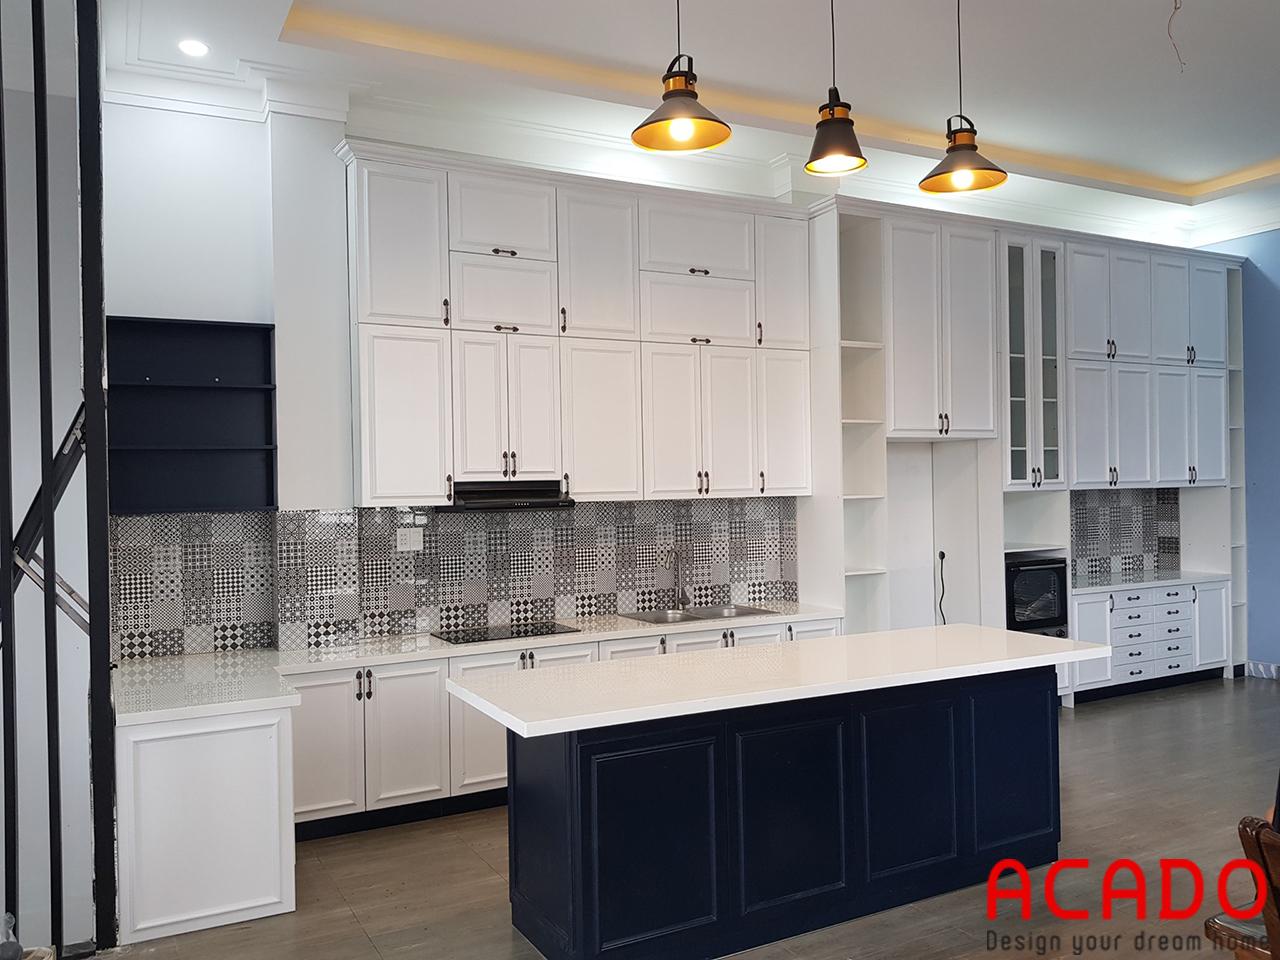 Tủ bếp gỗ sồi sơn trắng kết hợp bàn đảo màu xanh than làm điểm nhấn